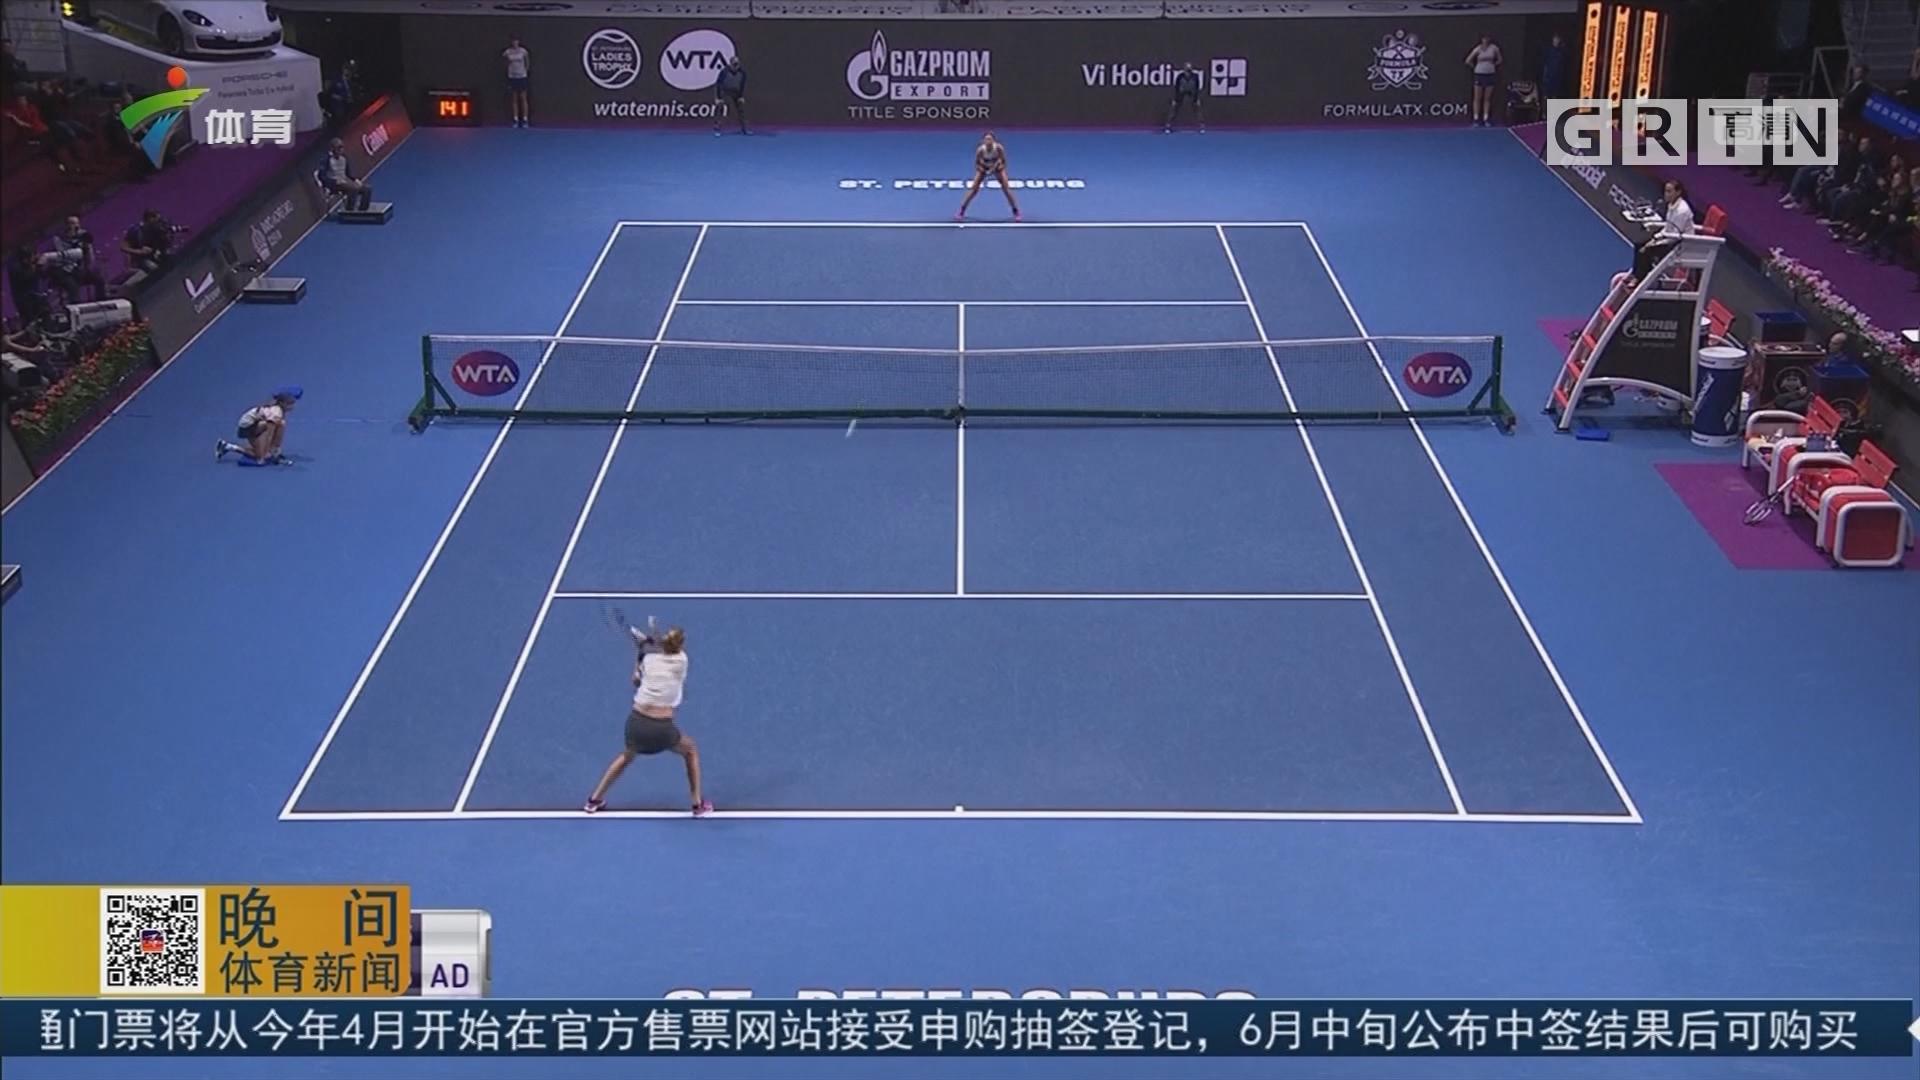 科维托娃击败阿扎伦卡 晋级八强